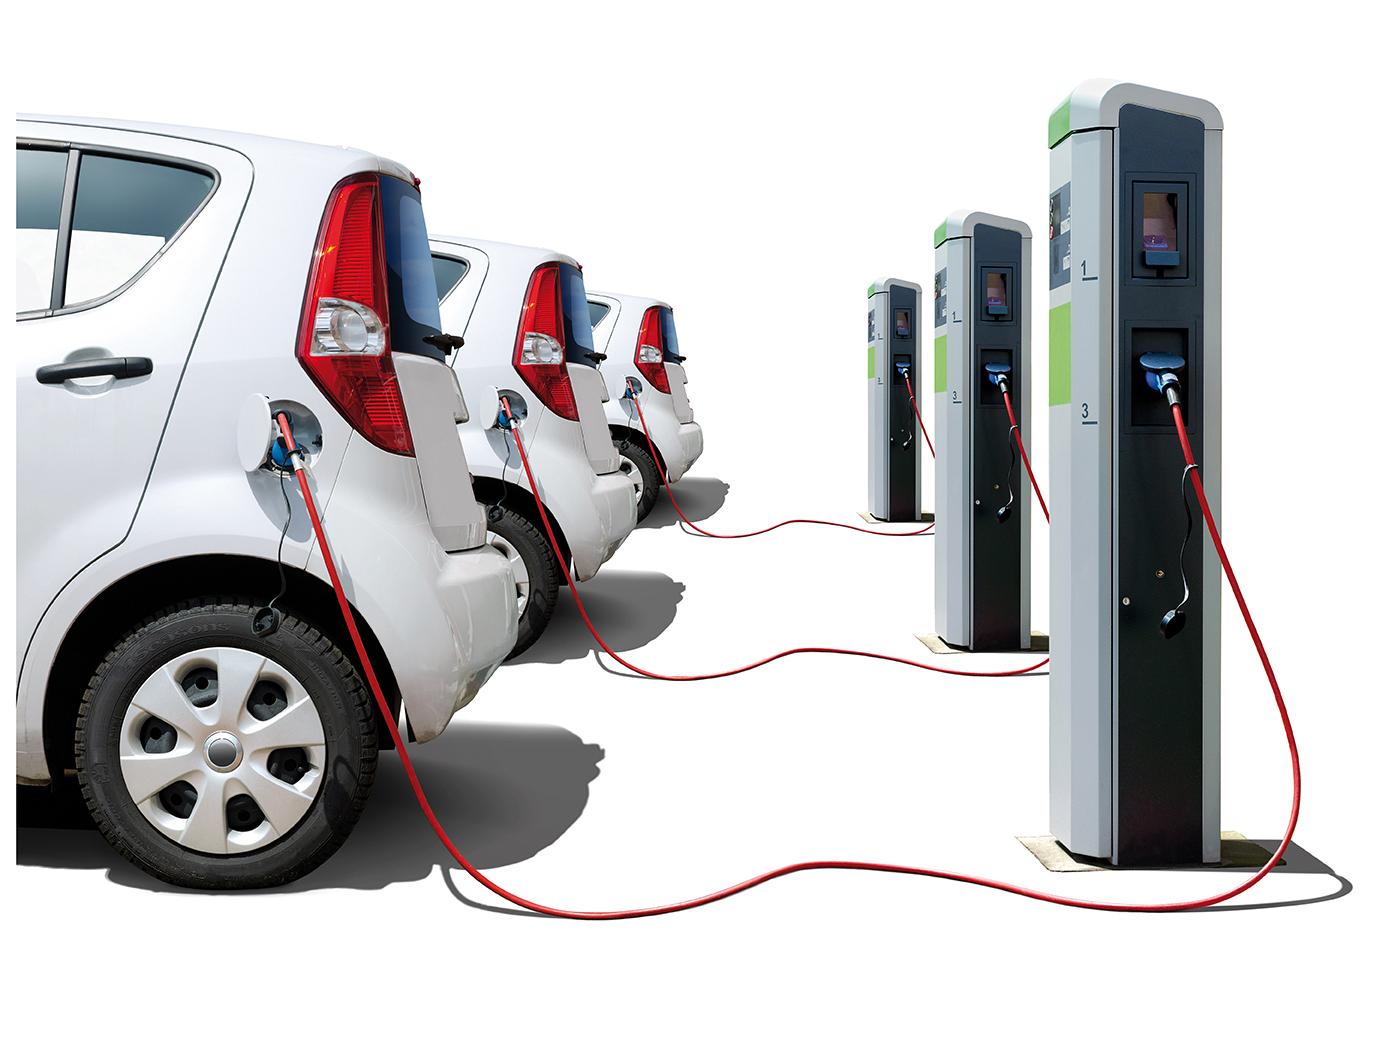 Elektromobilität - Spezielle Versicherungslösungen erleichtern den Umstieg 3